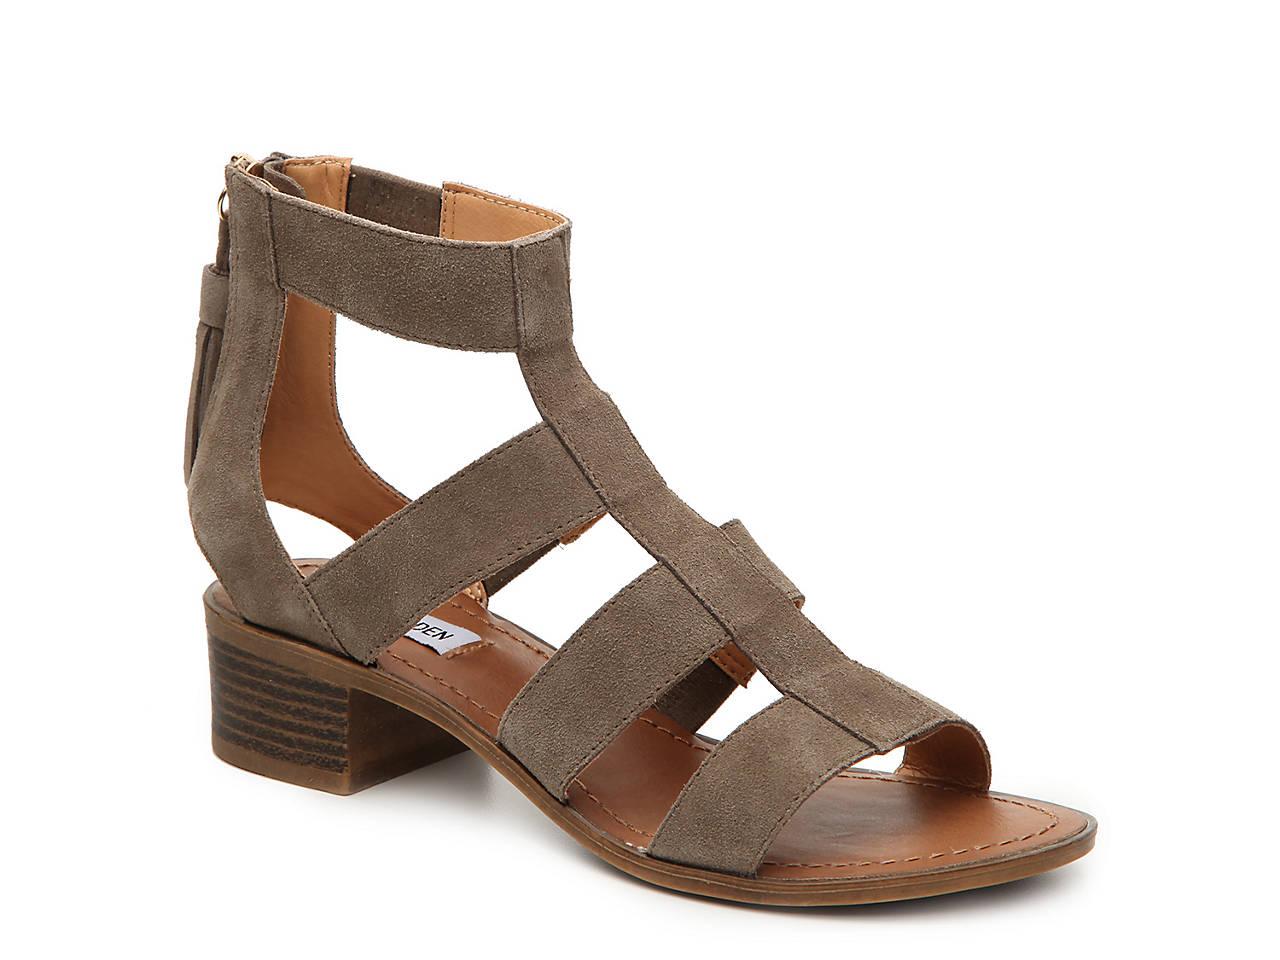 a35ebbfccdee Steve Madden Daviss Gladiator Sandal Women s Shoes